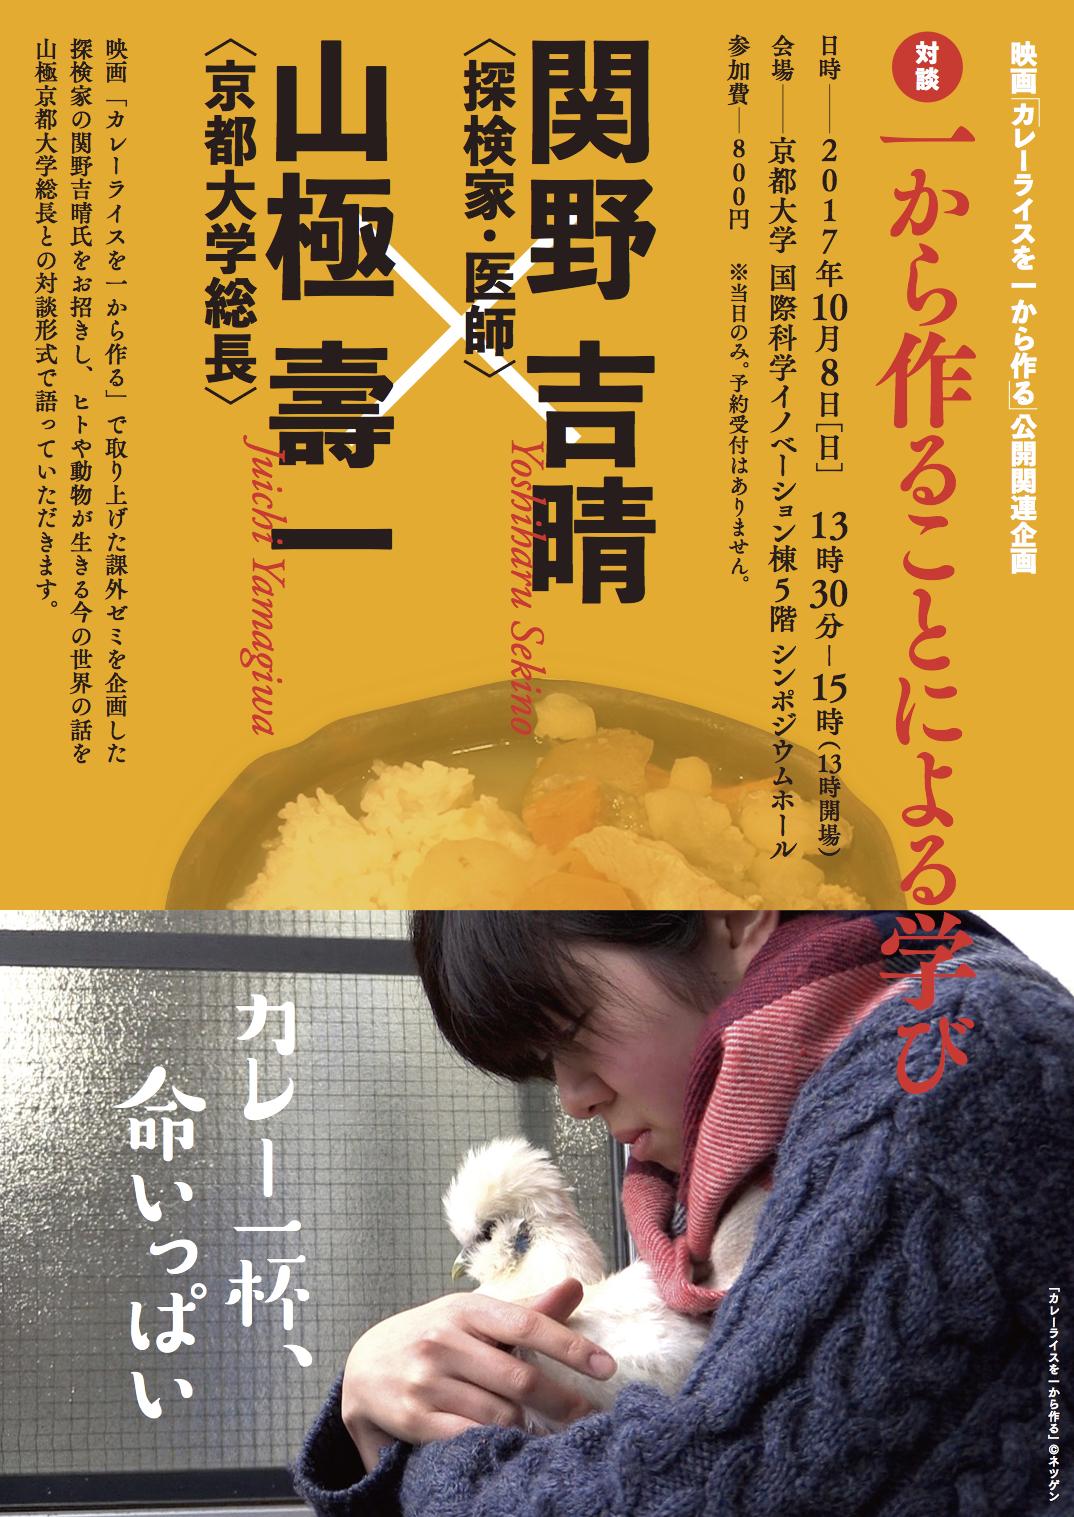 「カレーライス〜」イベント概要